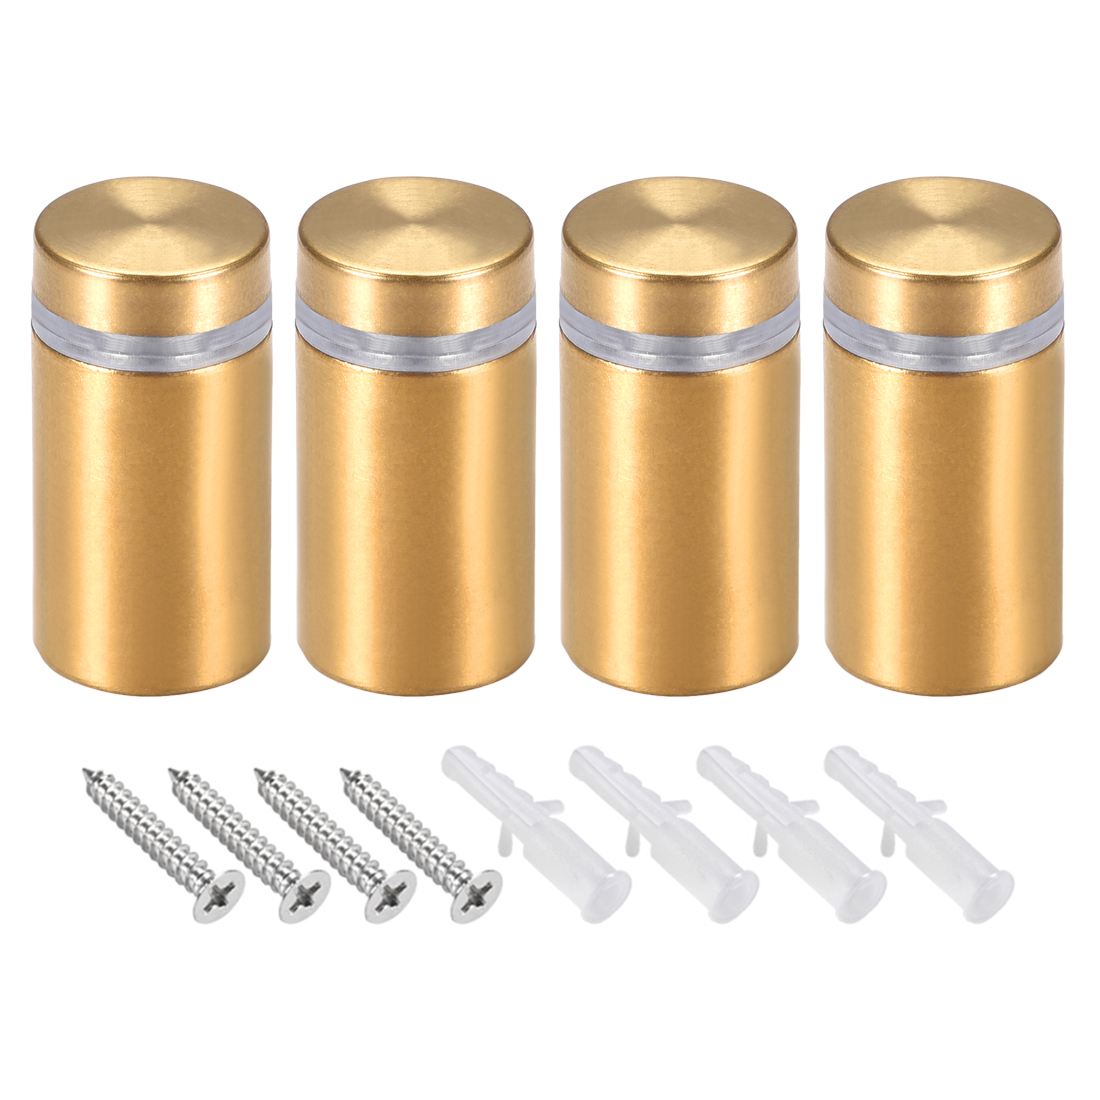 Glass Standoff Mount Wall Standoff Nails 16mm Dia 32mm Length Golden 4 Pcs